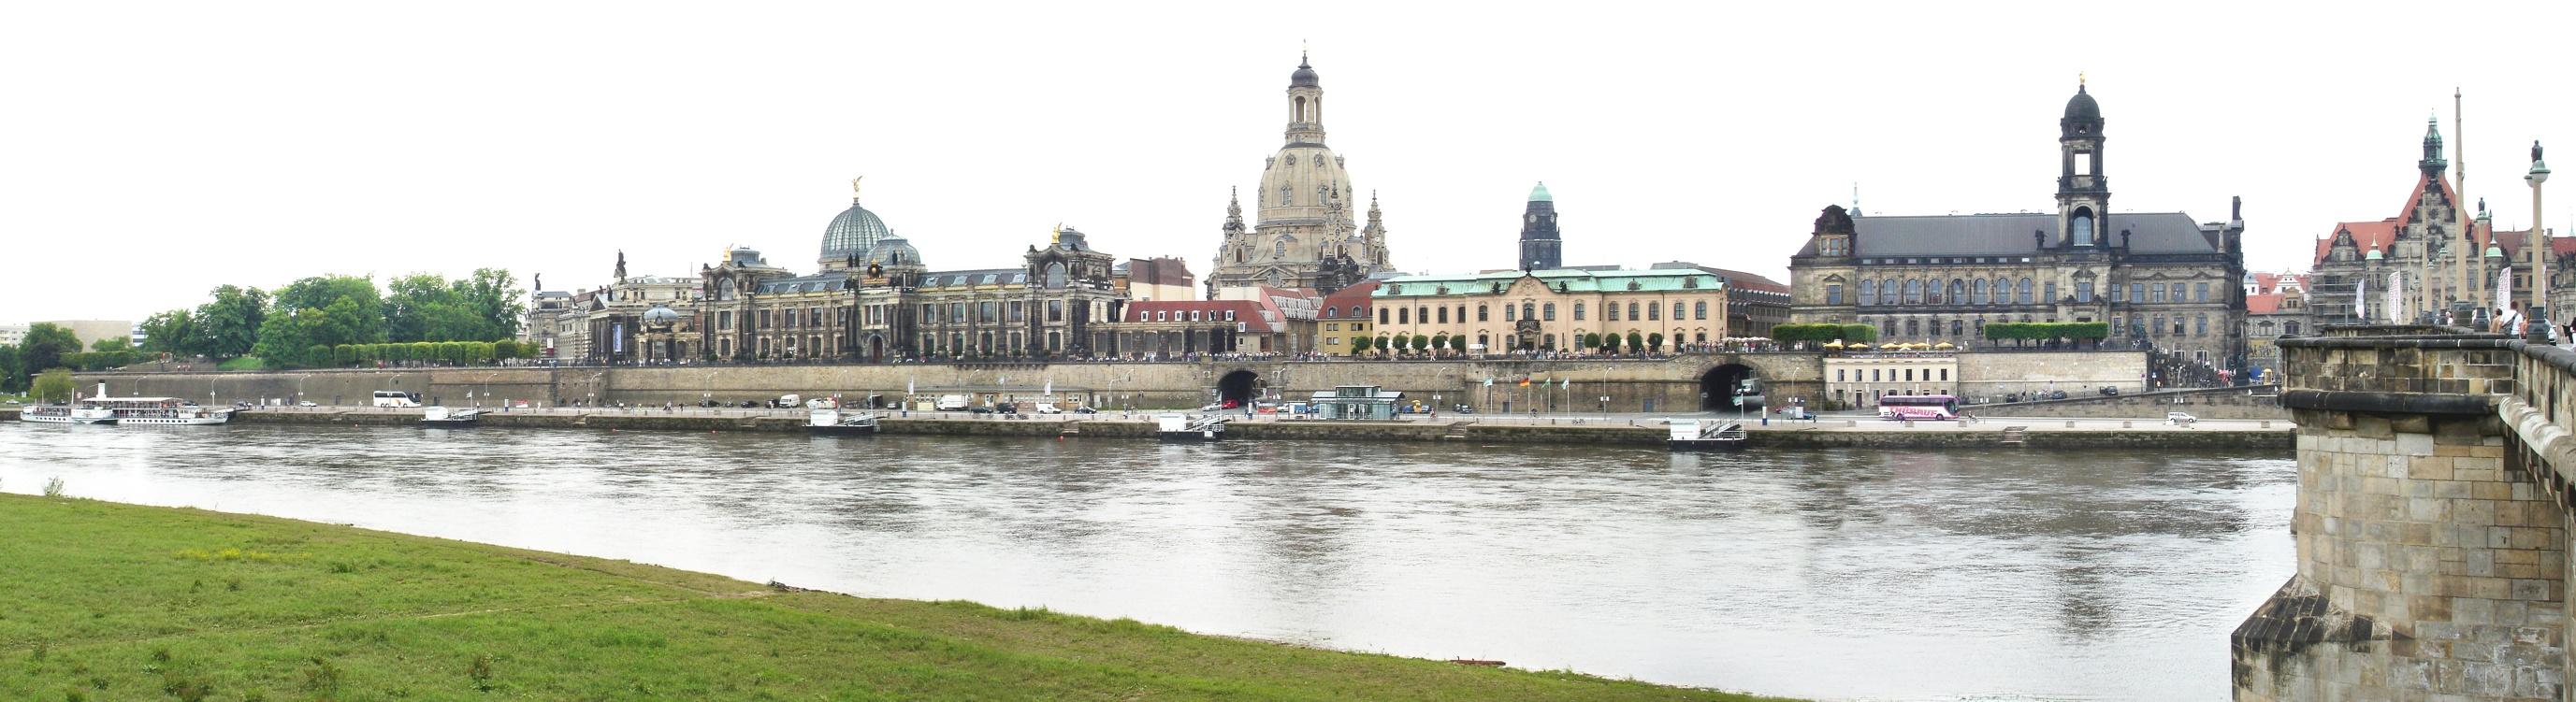 stadt dresden - brühlsche terrasse, museum festung dresden, Best garten ideen